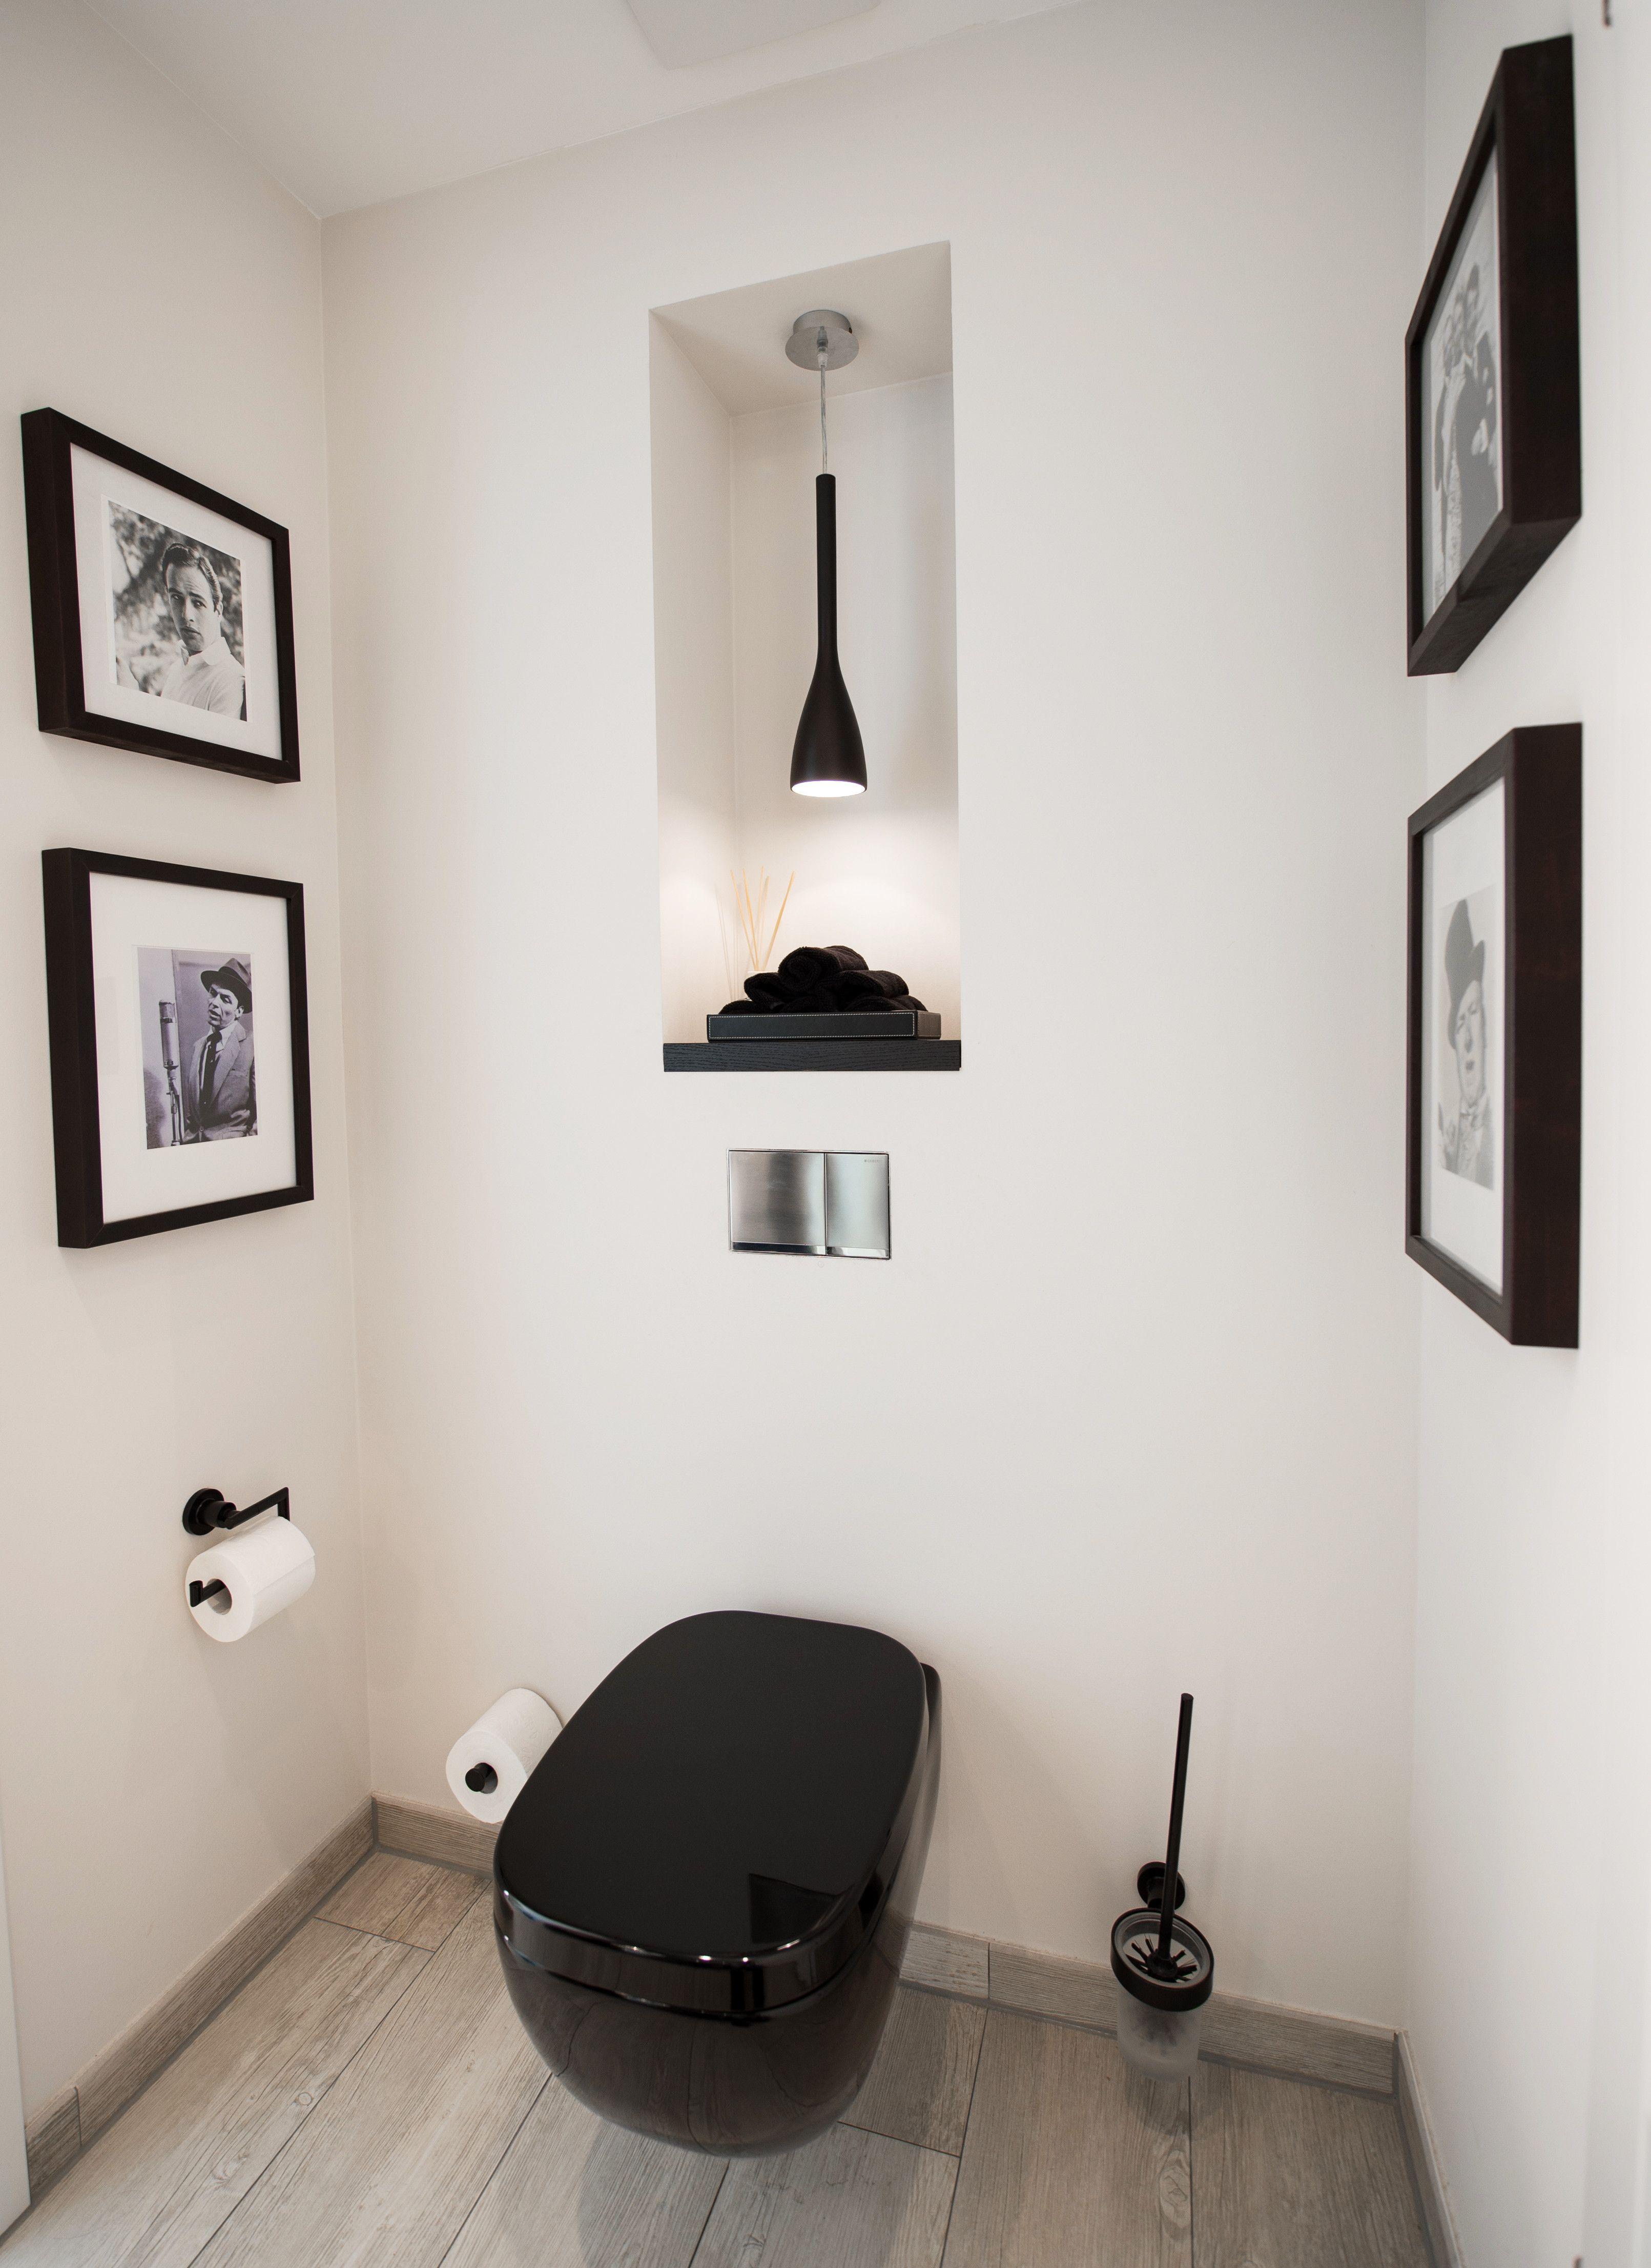 Außergewöhnlich schön das gäste wc im black white look mit schwarzer